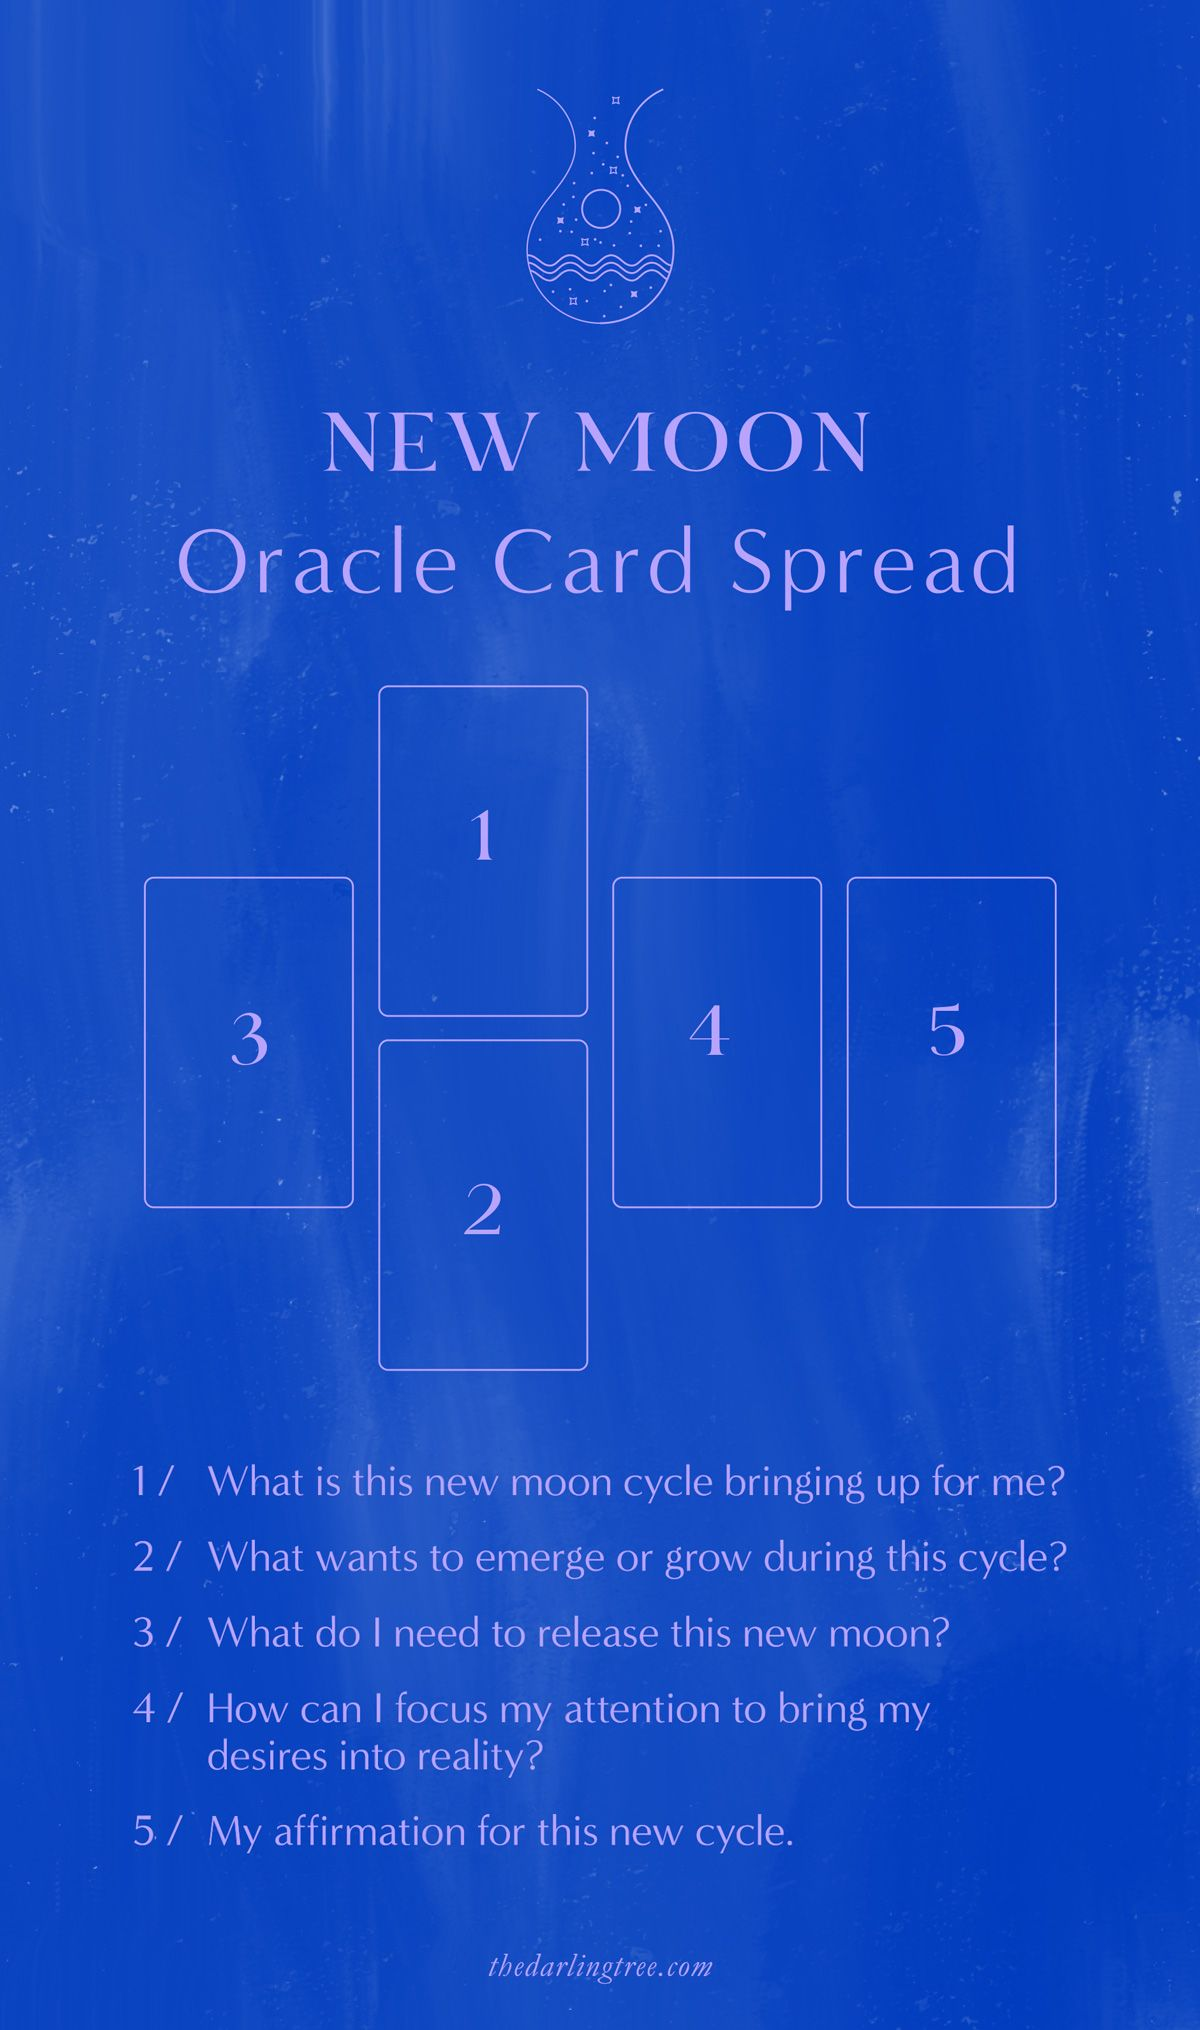 New Moon Oracle Card Spread